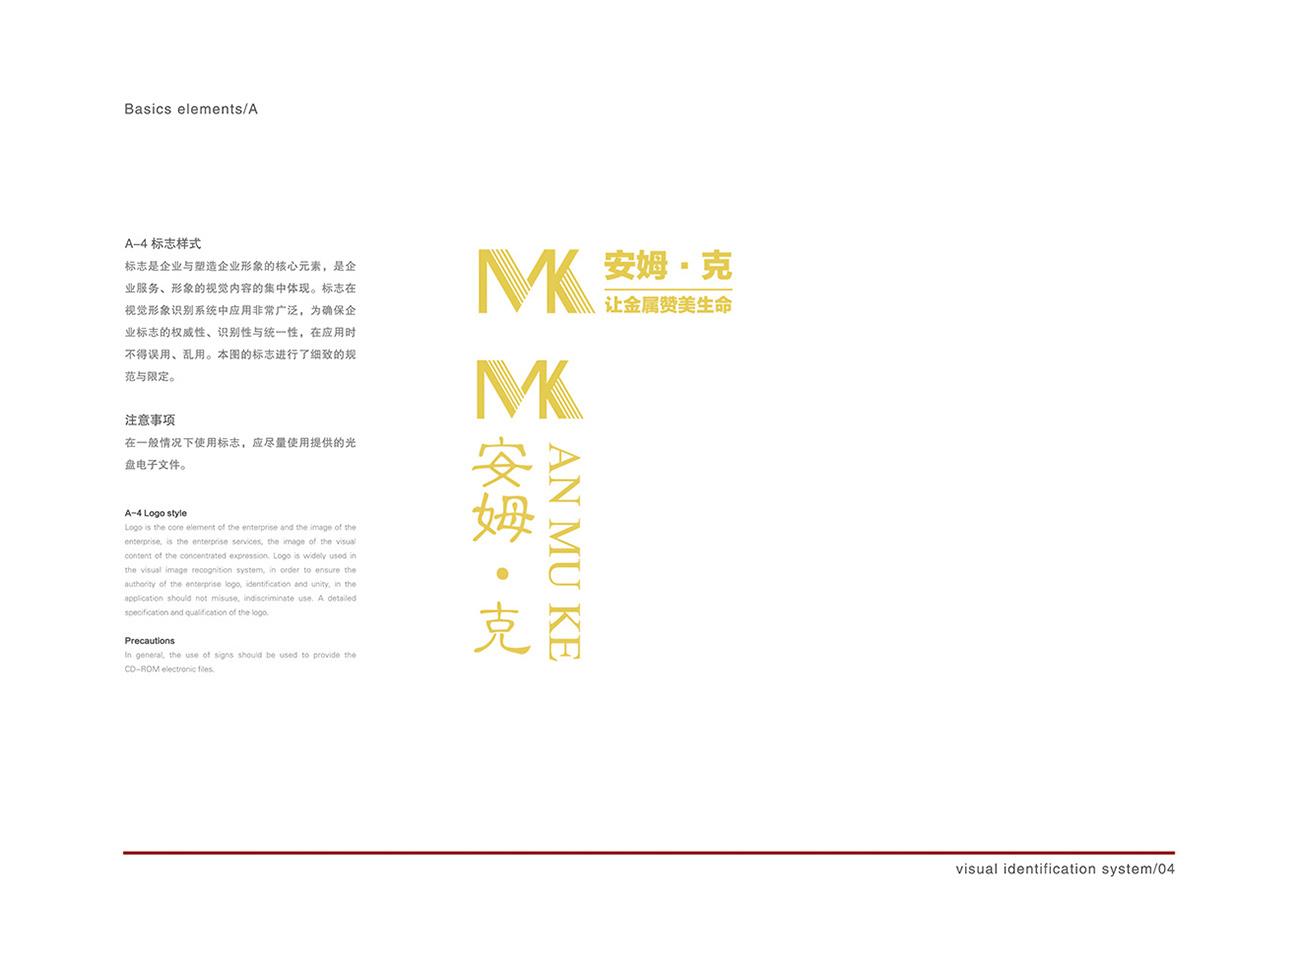 安姆·克企业VI-04.jpg